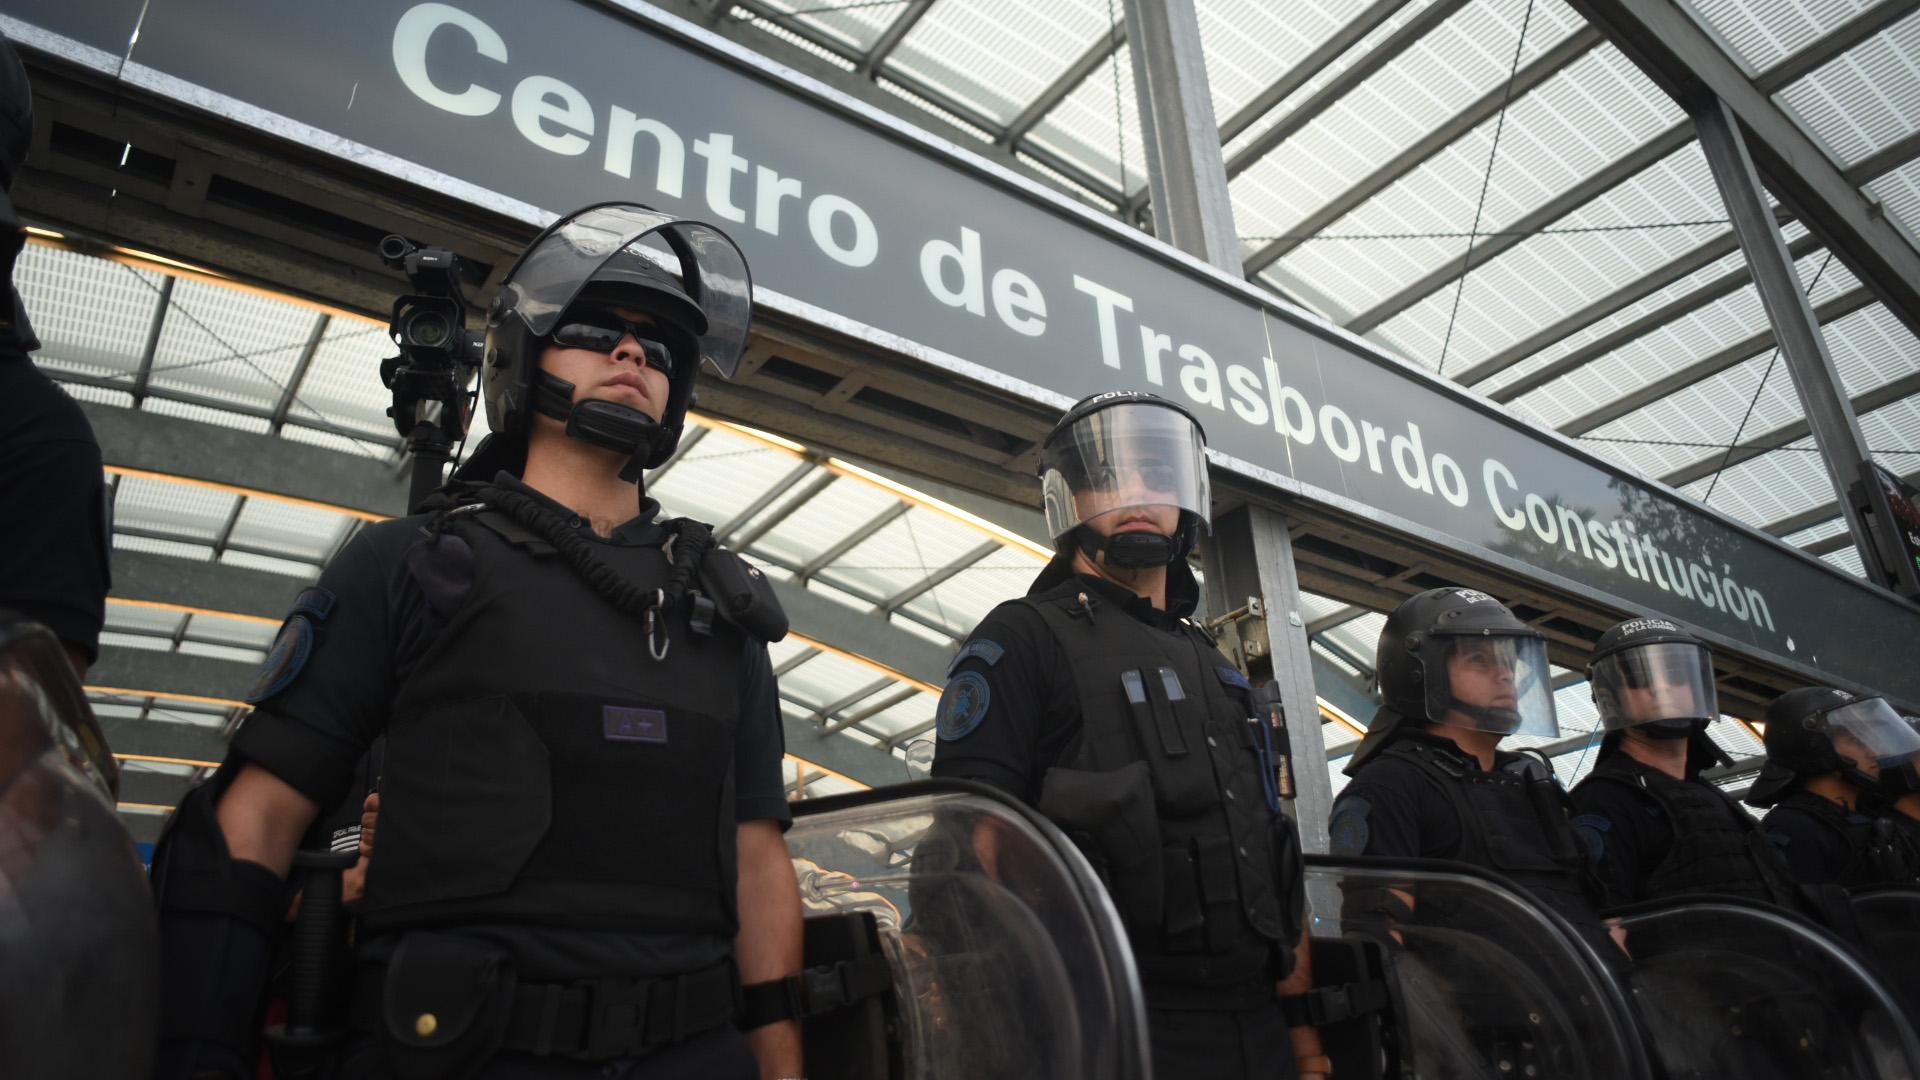 La tensión entre manifestantes y policías se trasladó al subte en el atardecer